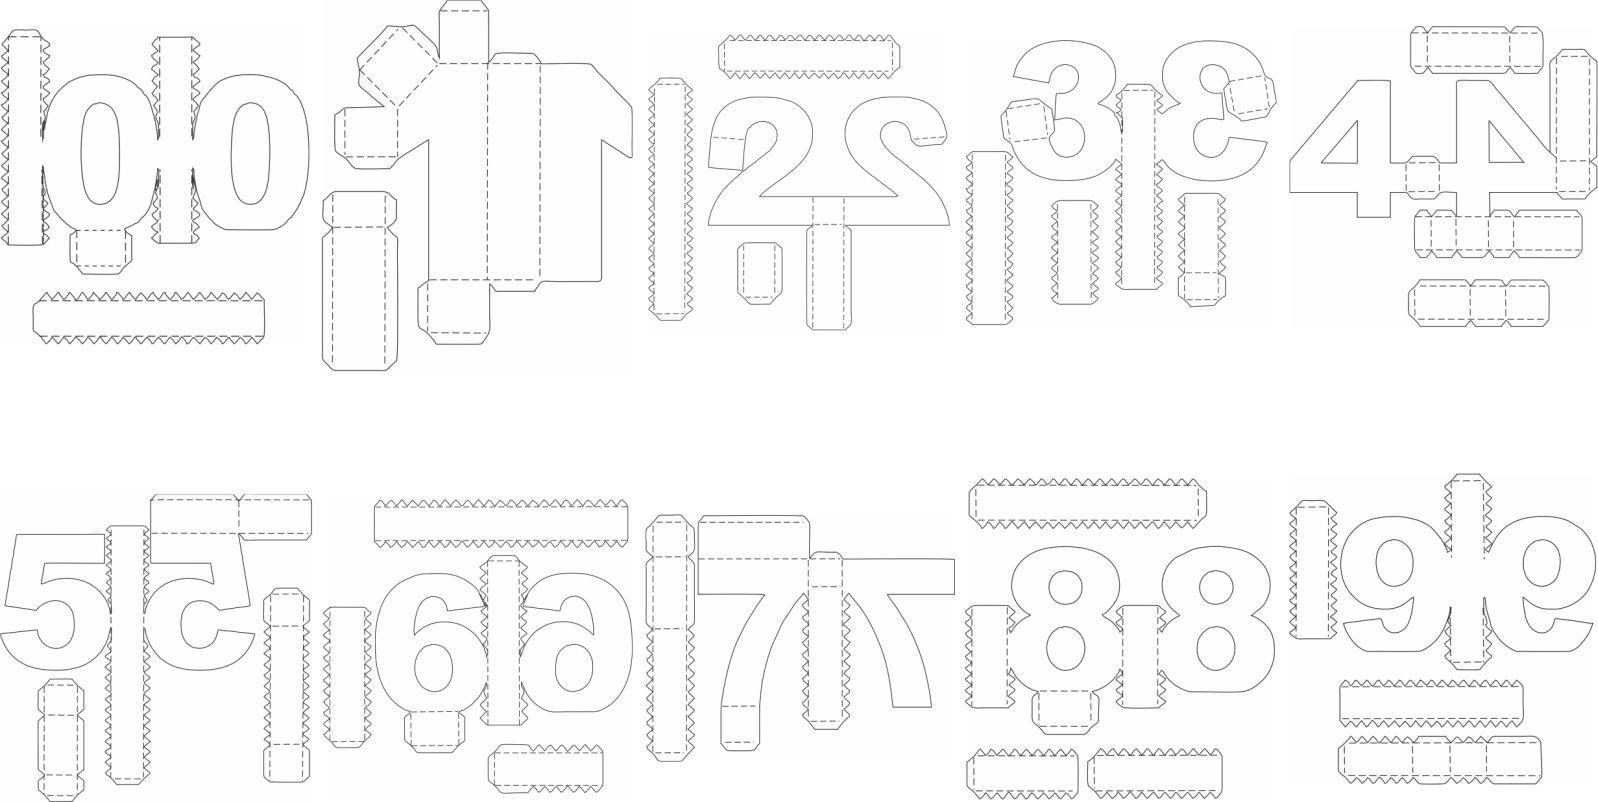 Pin De Alba Rosario En Alba Numeros 3d Moldes De Letras Moldes Para Hacer Letras Moldes De Numeros